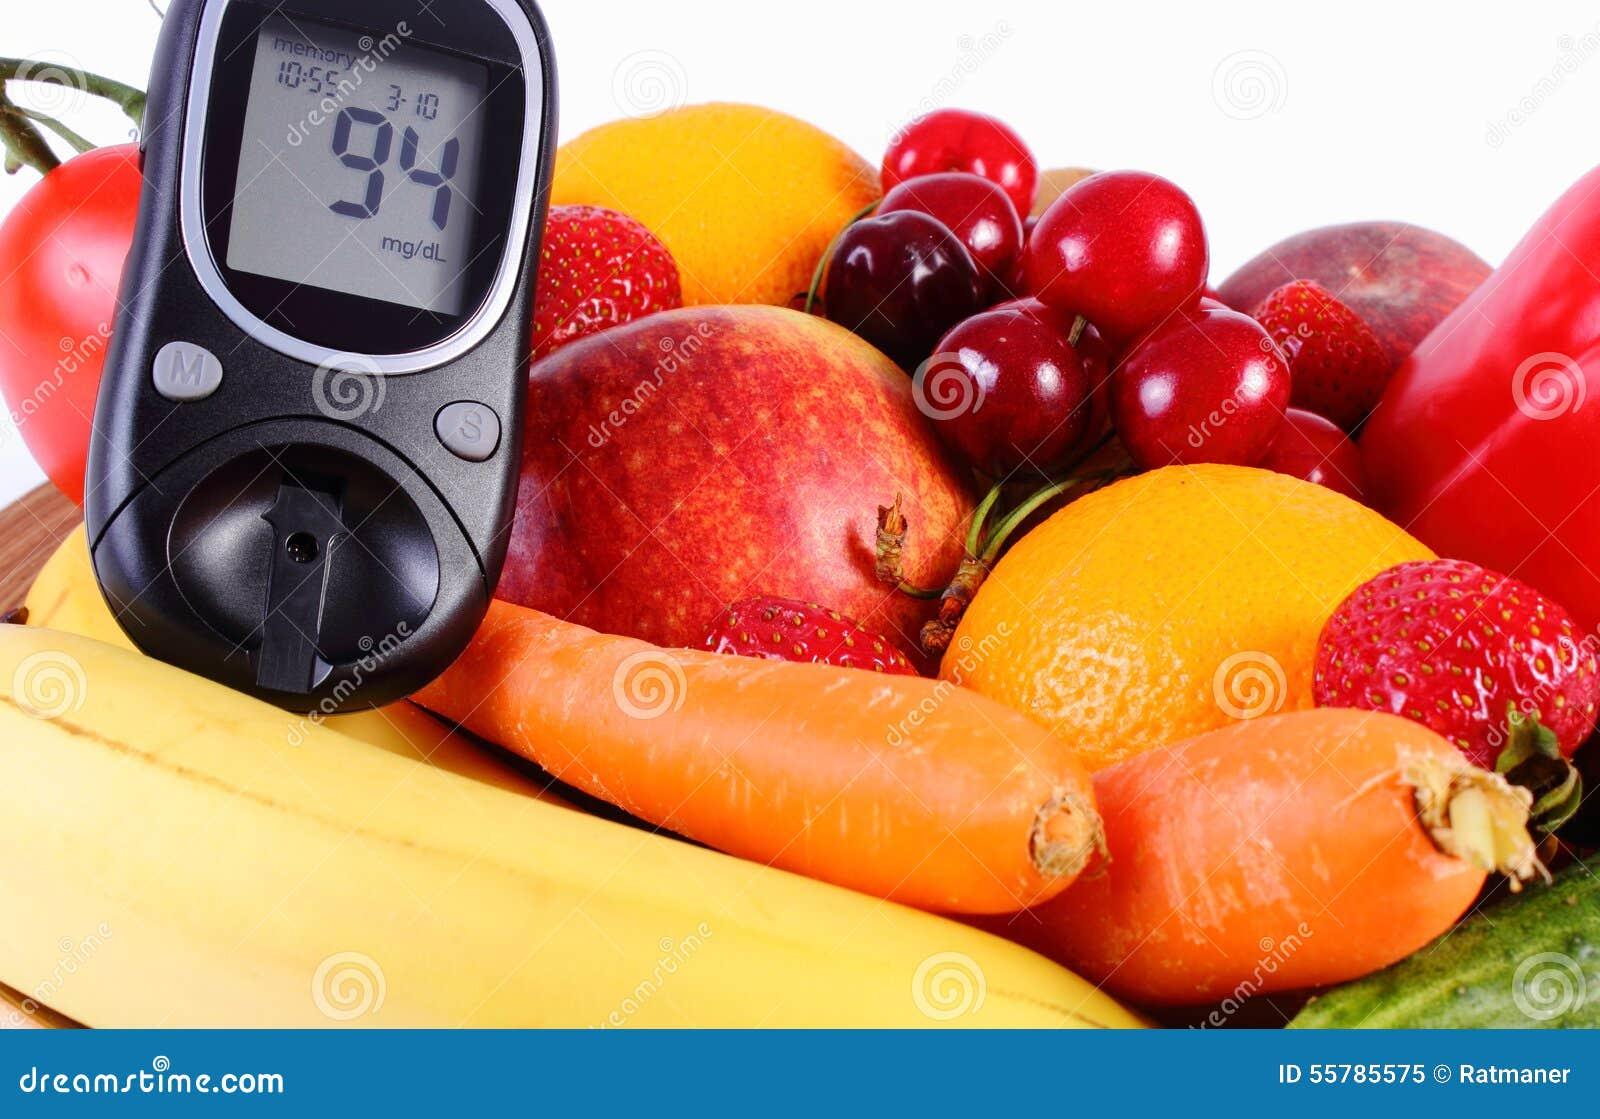 Фрукты и овощи для диабетиков